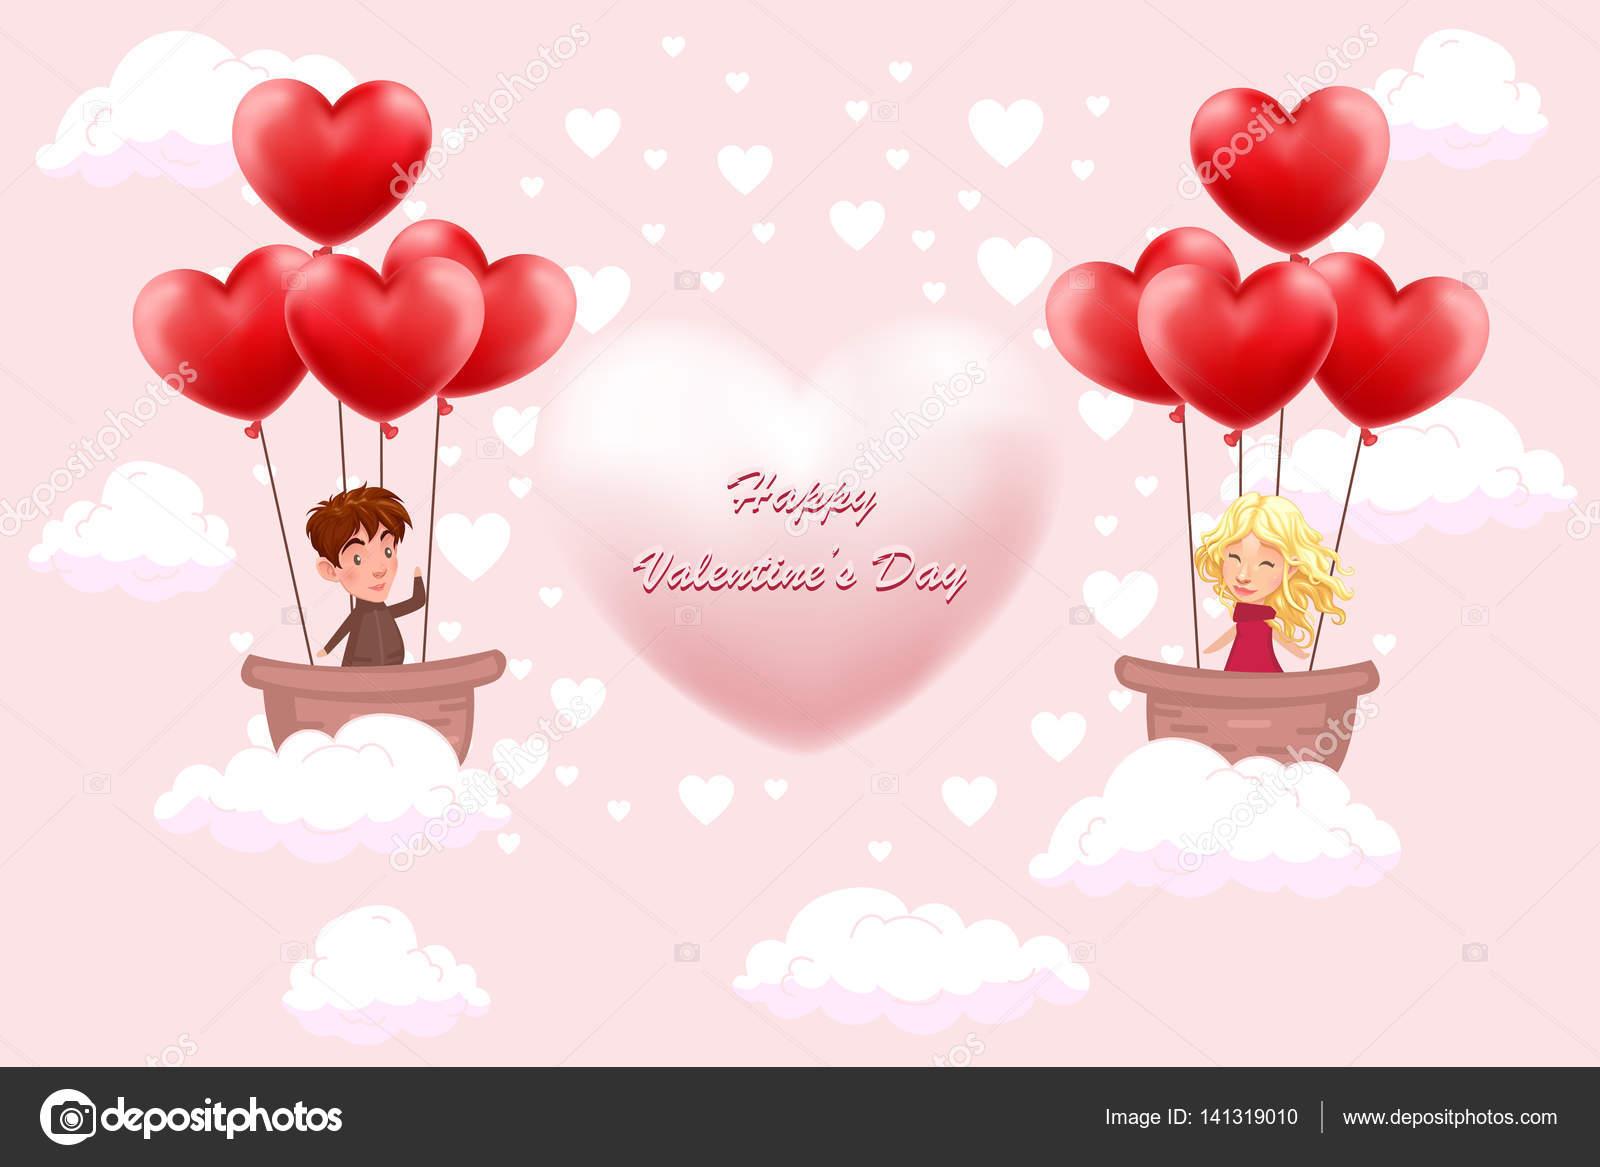 Fondos para enamorados Tarjeta de la invitación de San Valentín